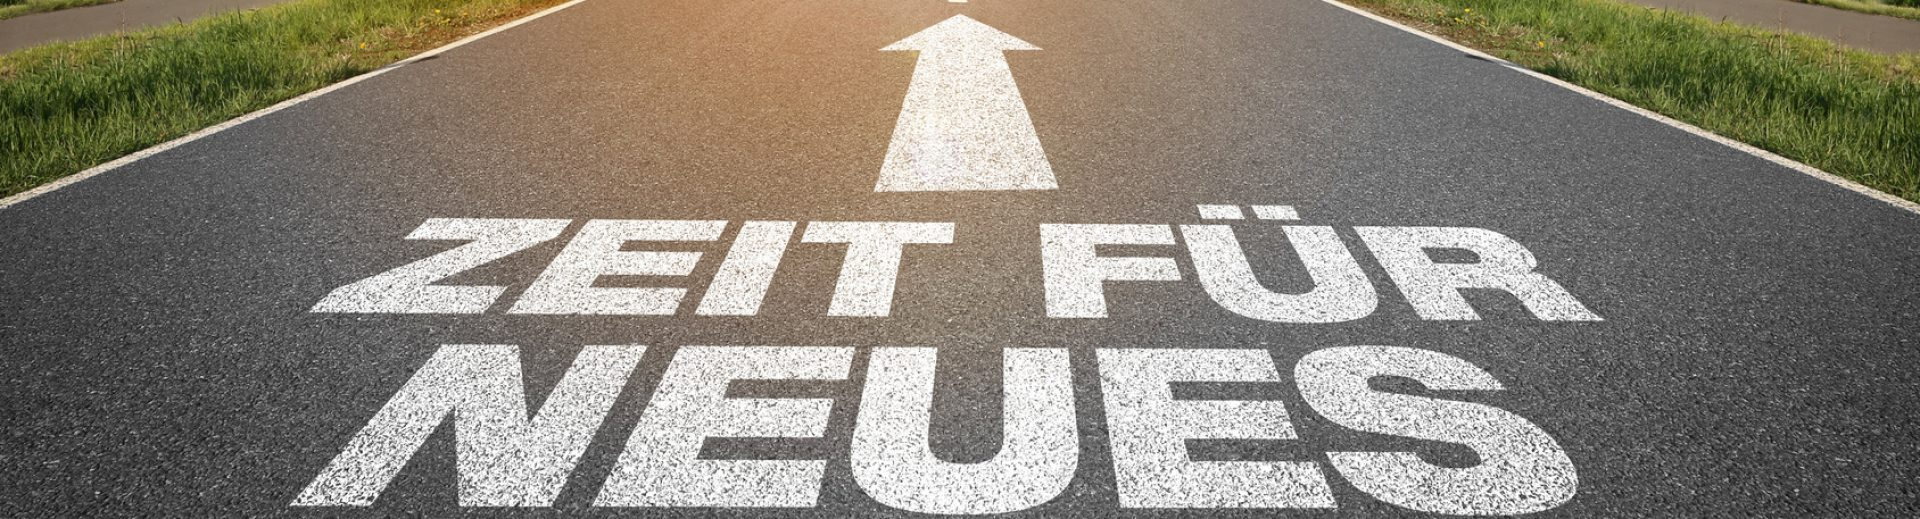 Straßenerhaltung mit System